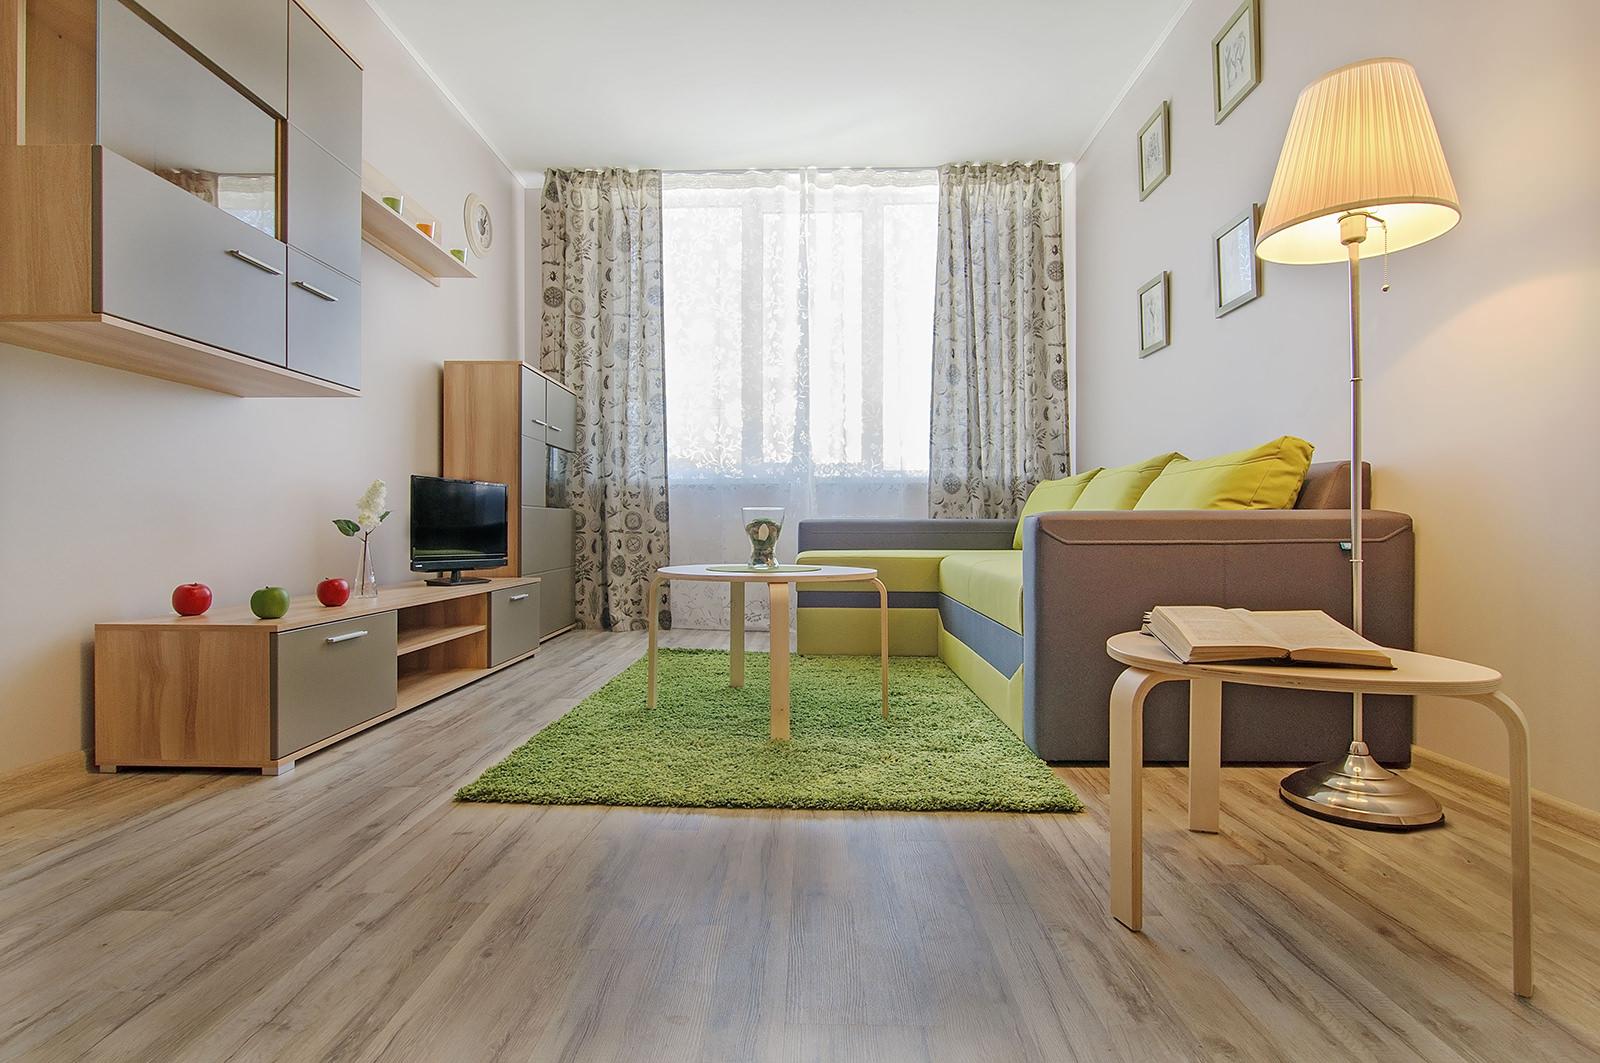 Раскладной диван в однокомнатной квартире